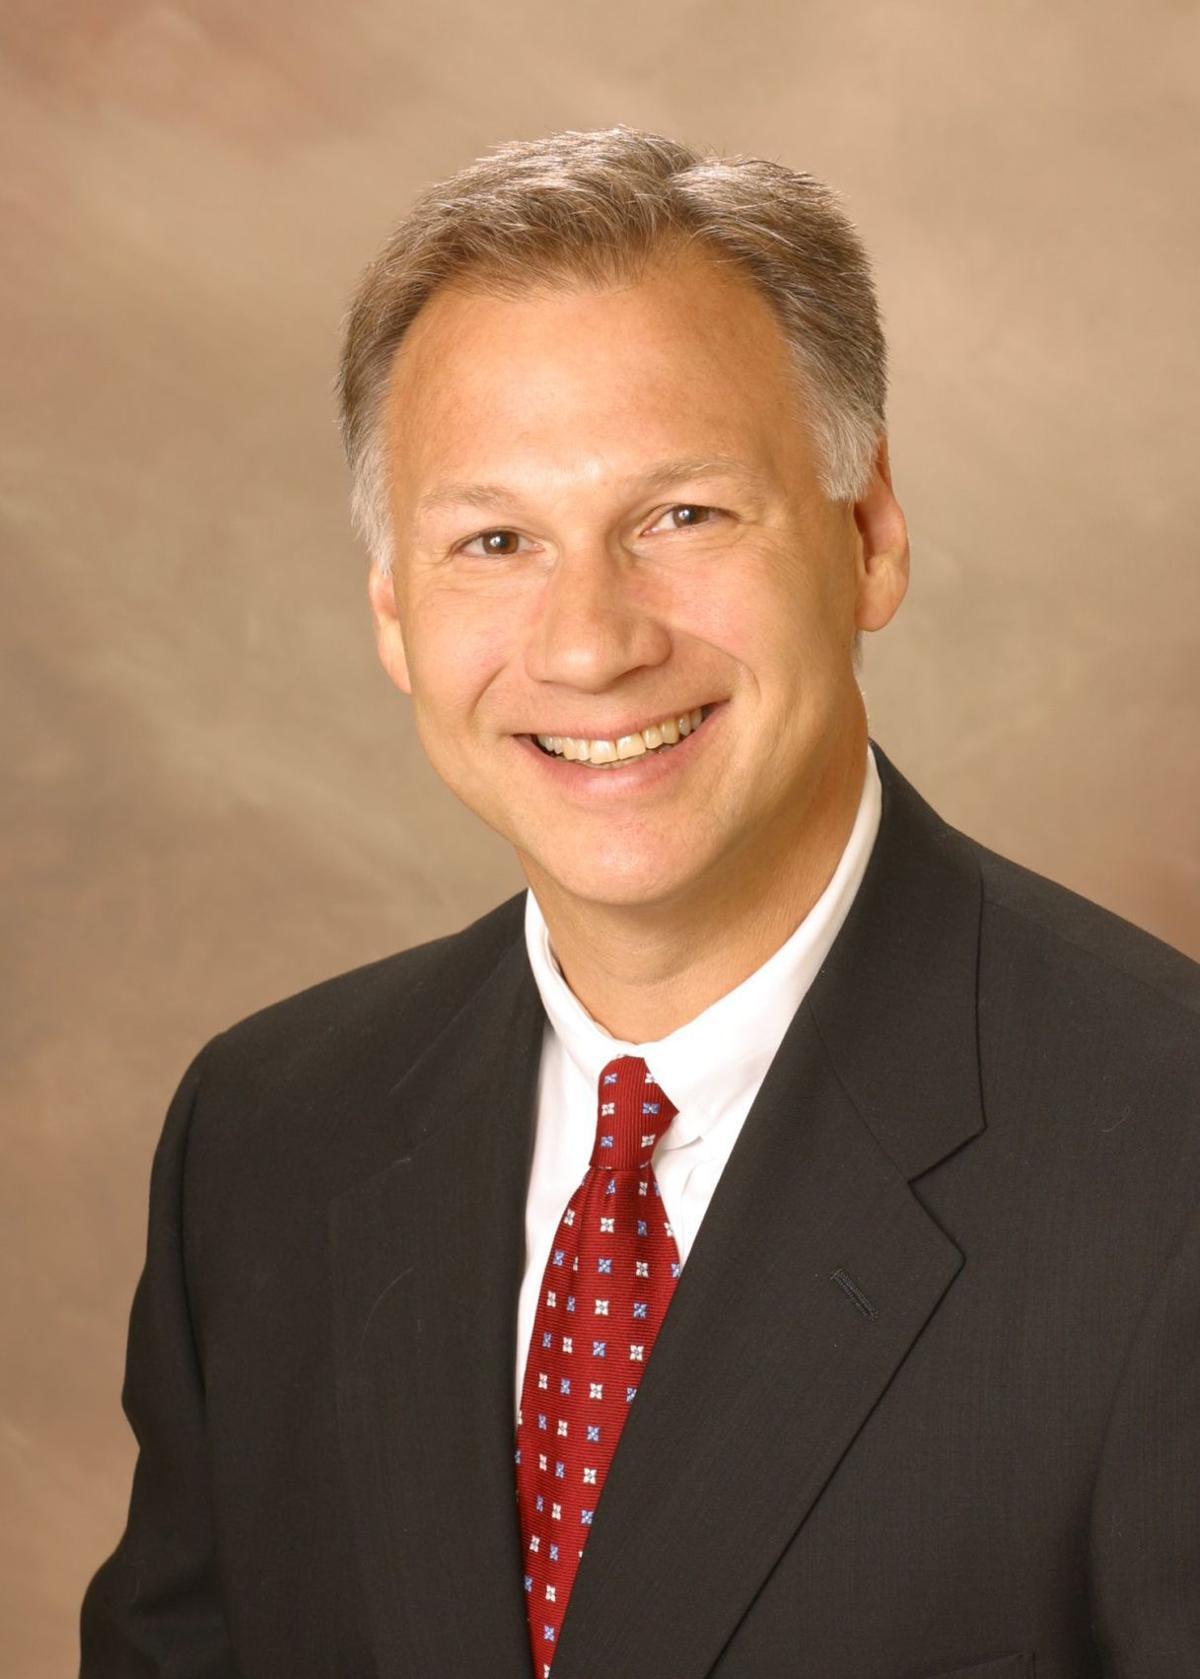 J. Mark Shreve